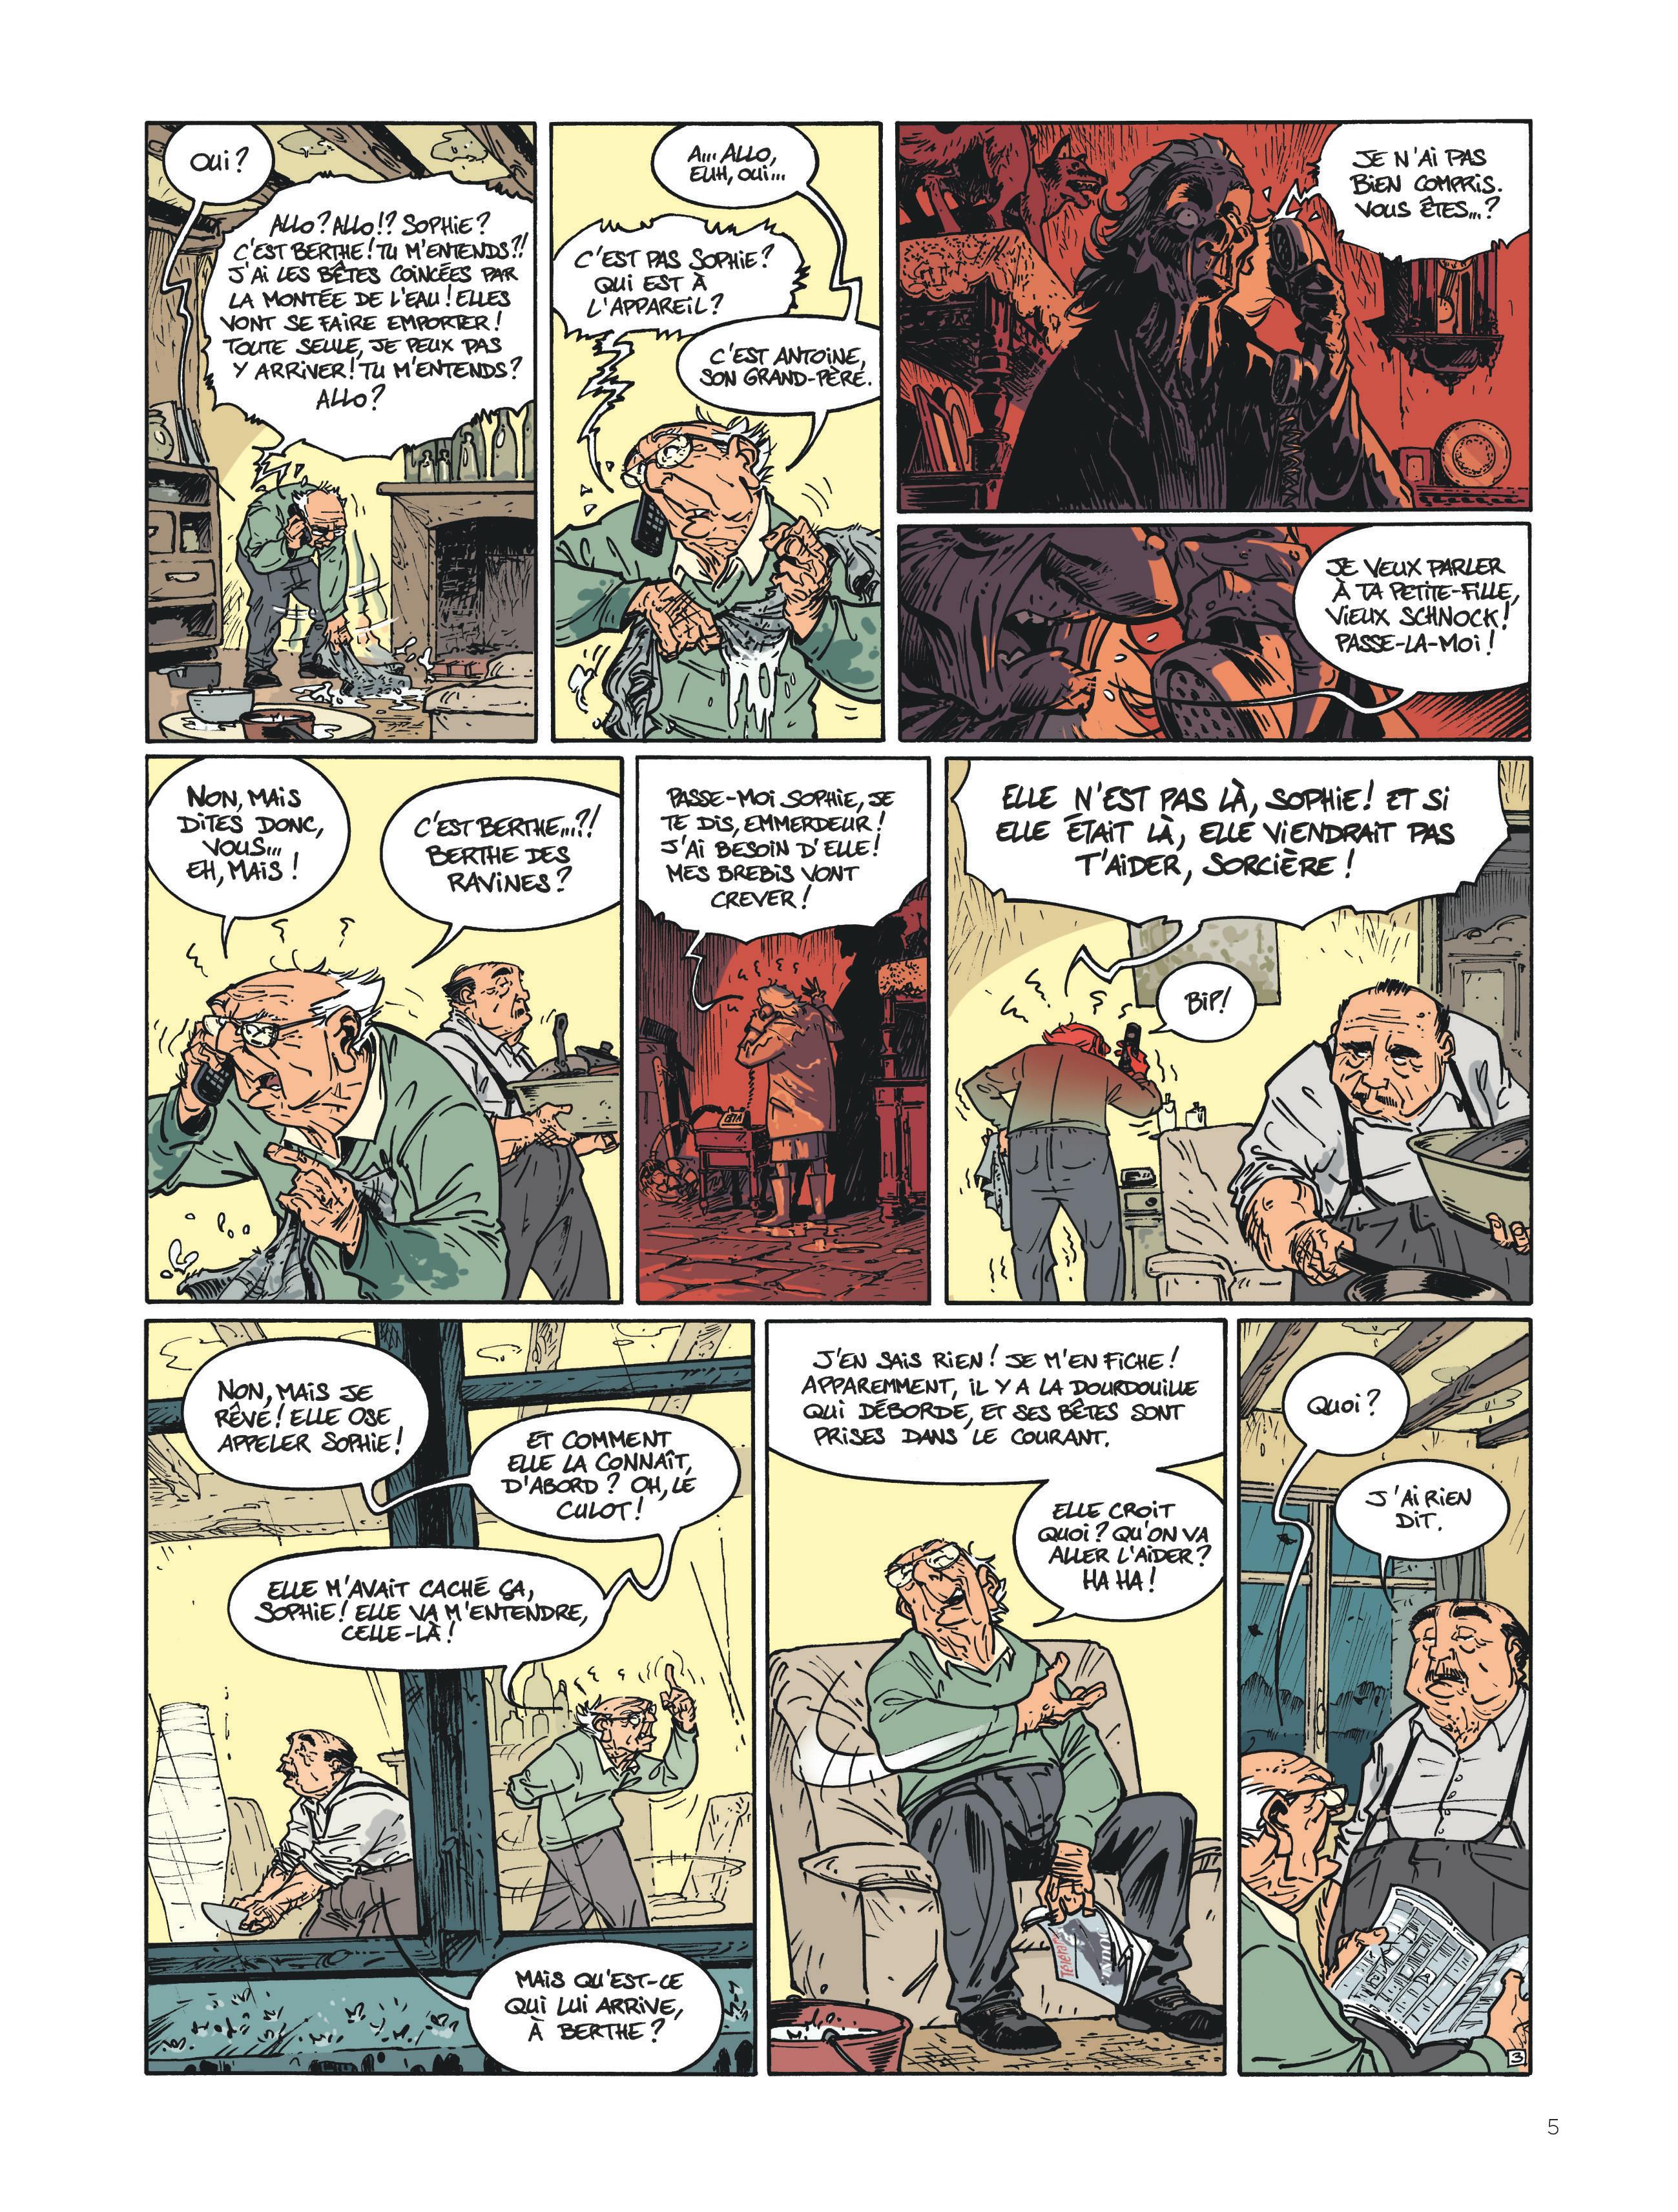 Les Vieux fourneaux #3 planche 3